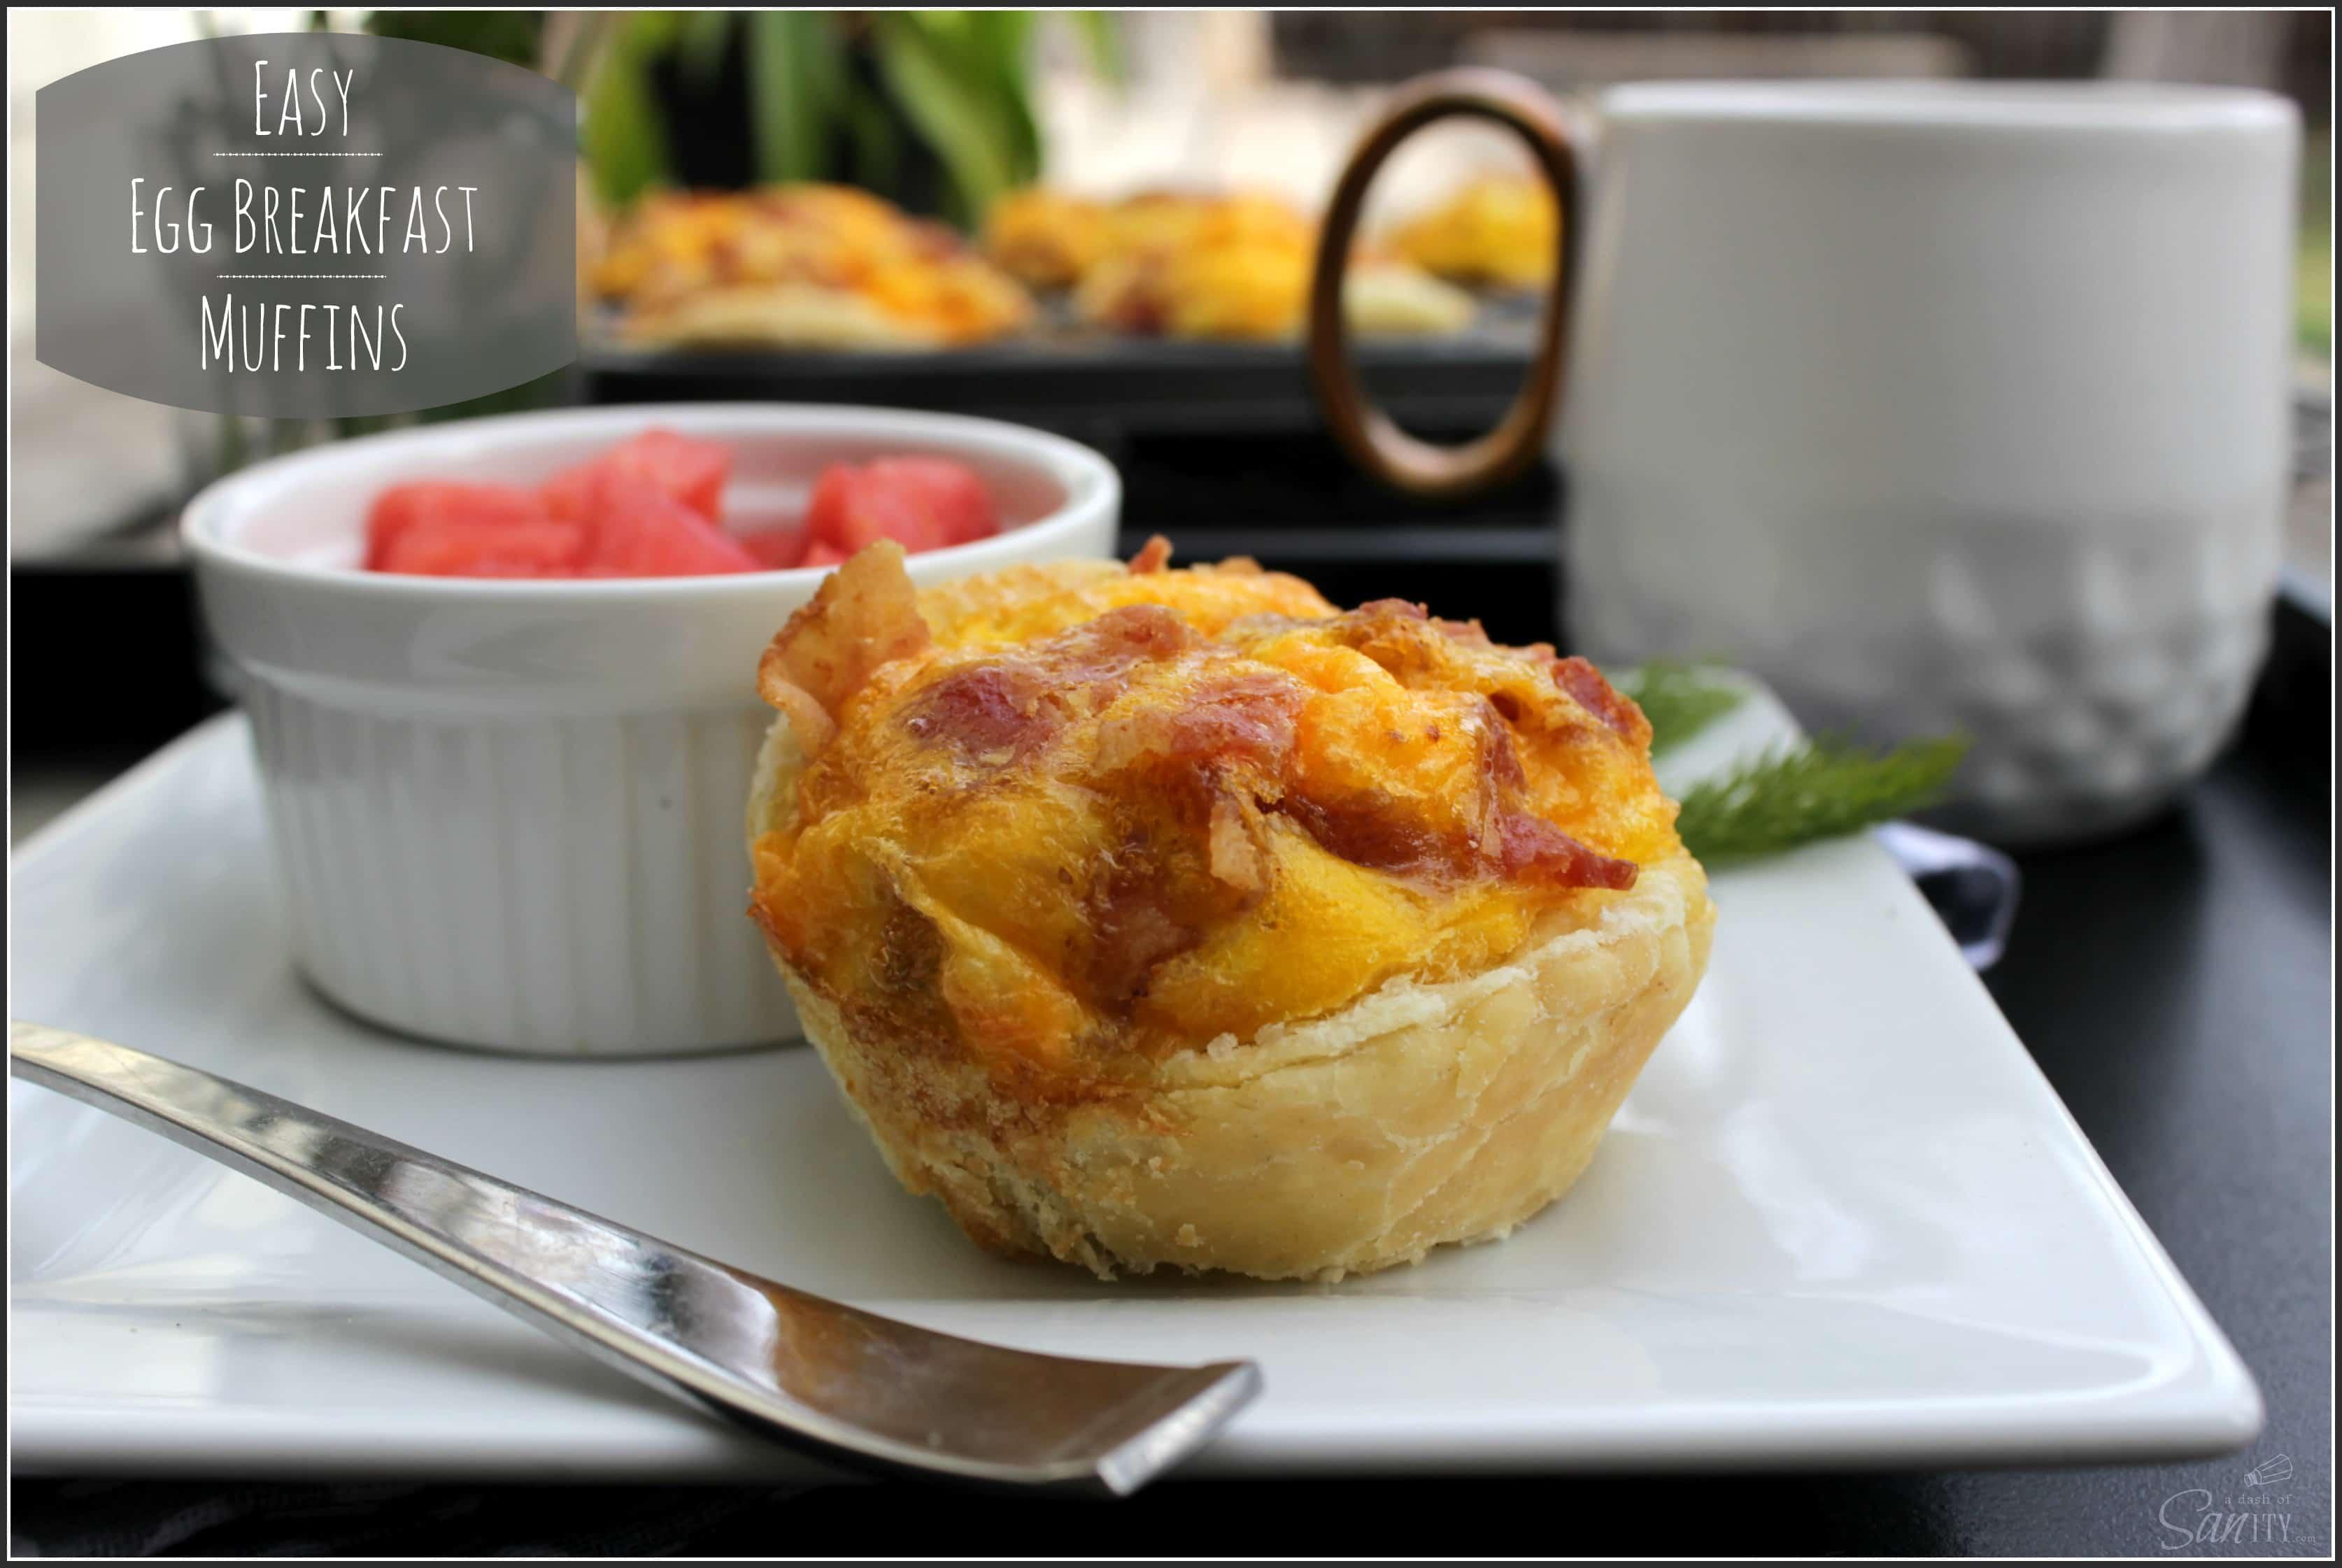 Easy Egg Breakfast Muffins